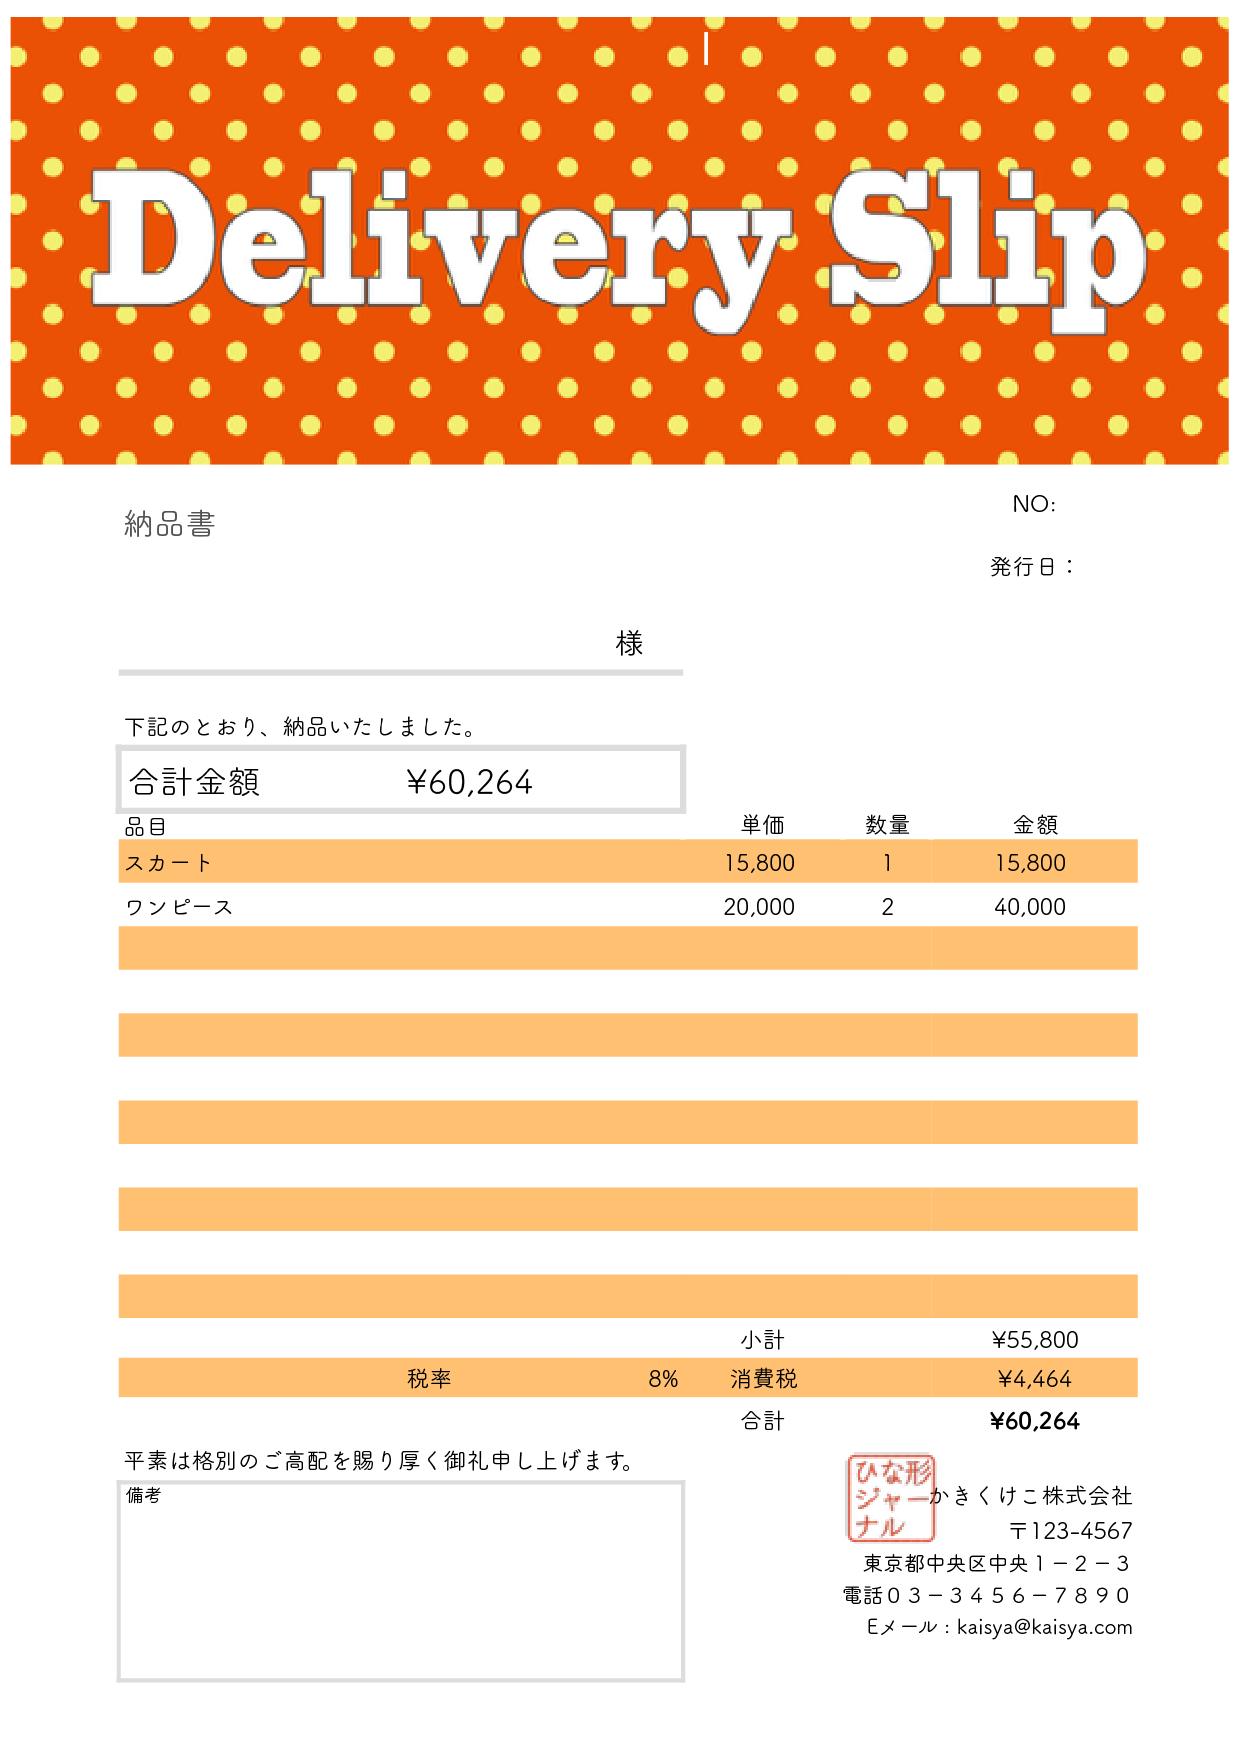 納品書 テンプレート online向け・オレンジドット柄(ナンバーズ、エクセル)